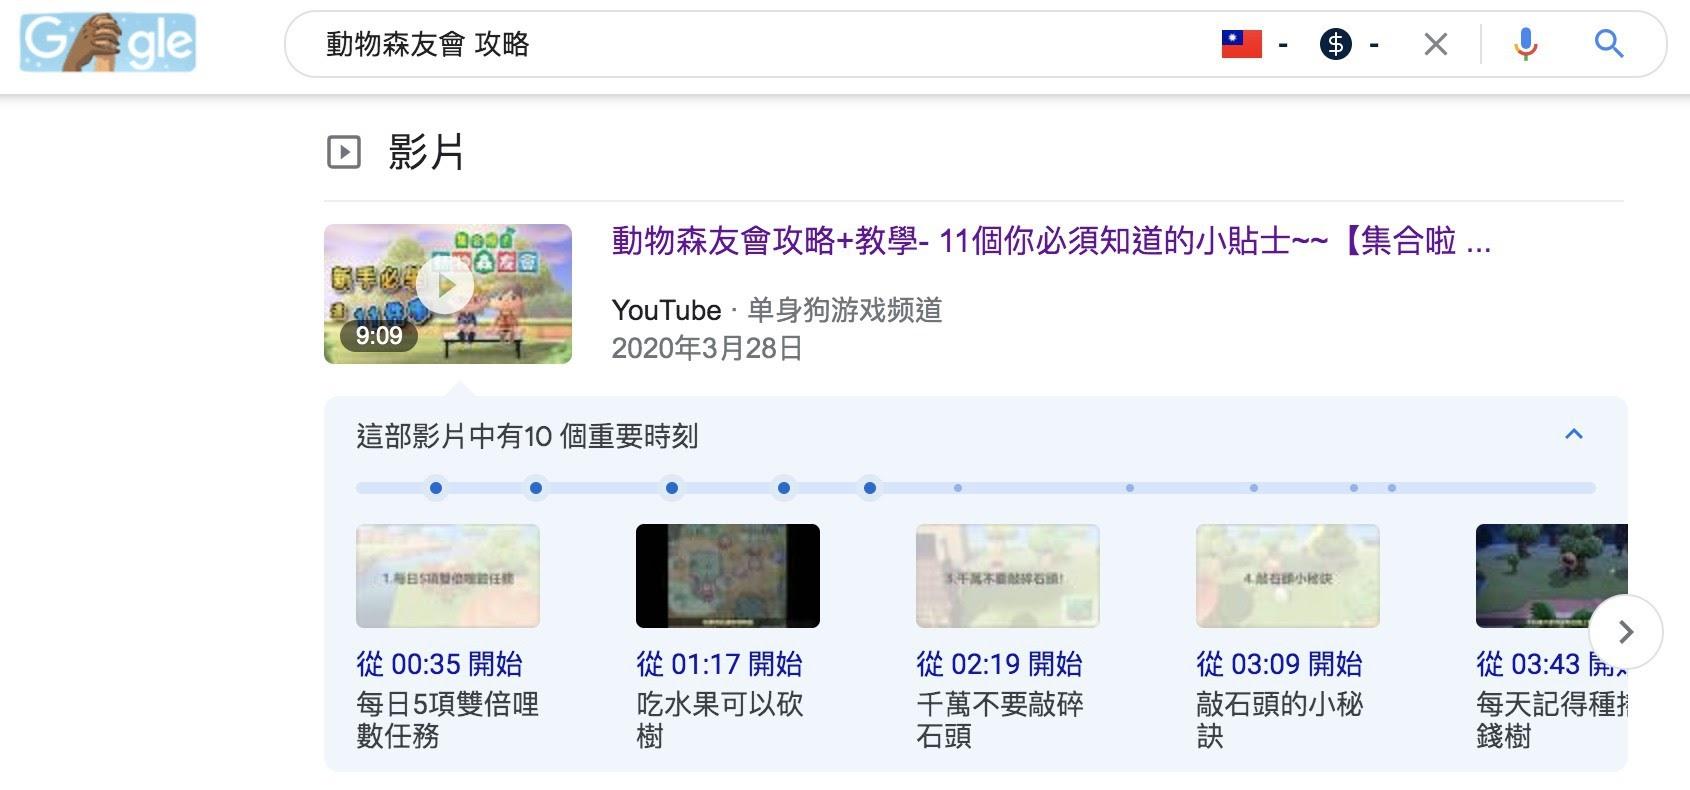 Google搜尋影片時間軸:動物森友會攻略